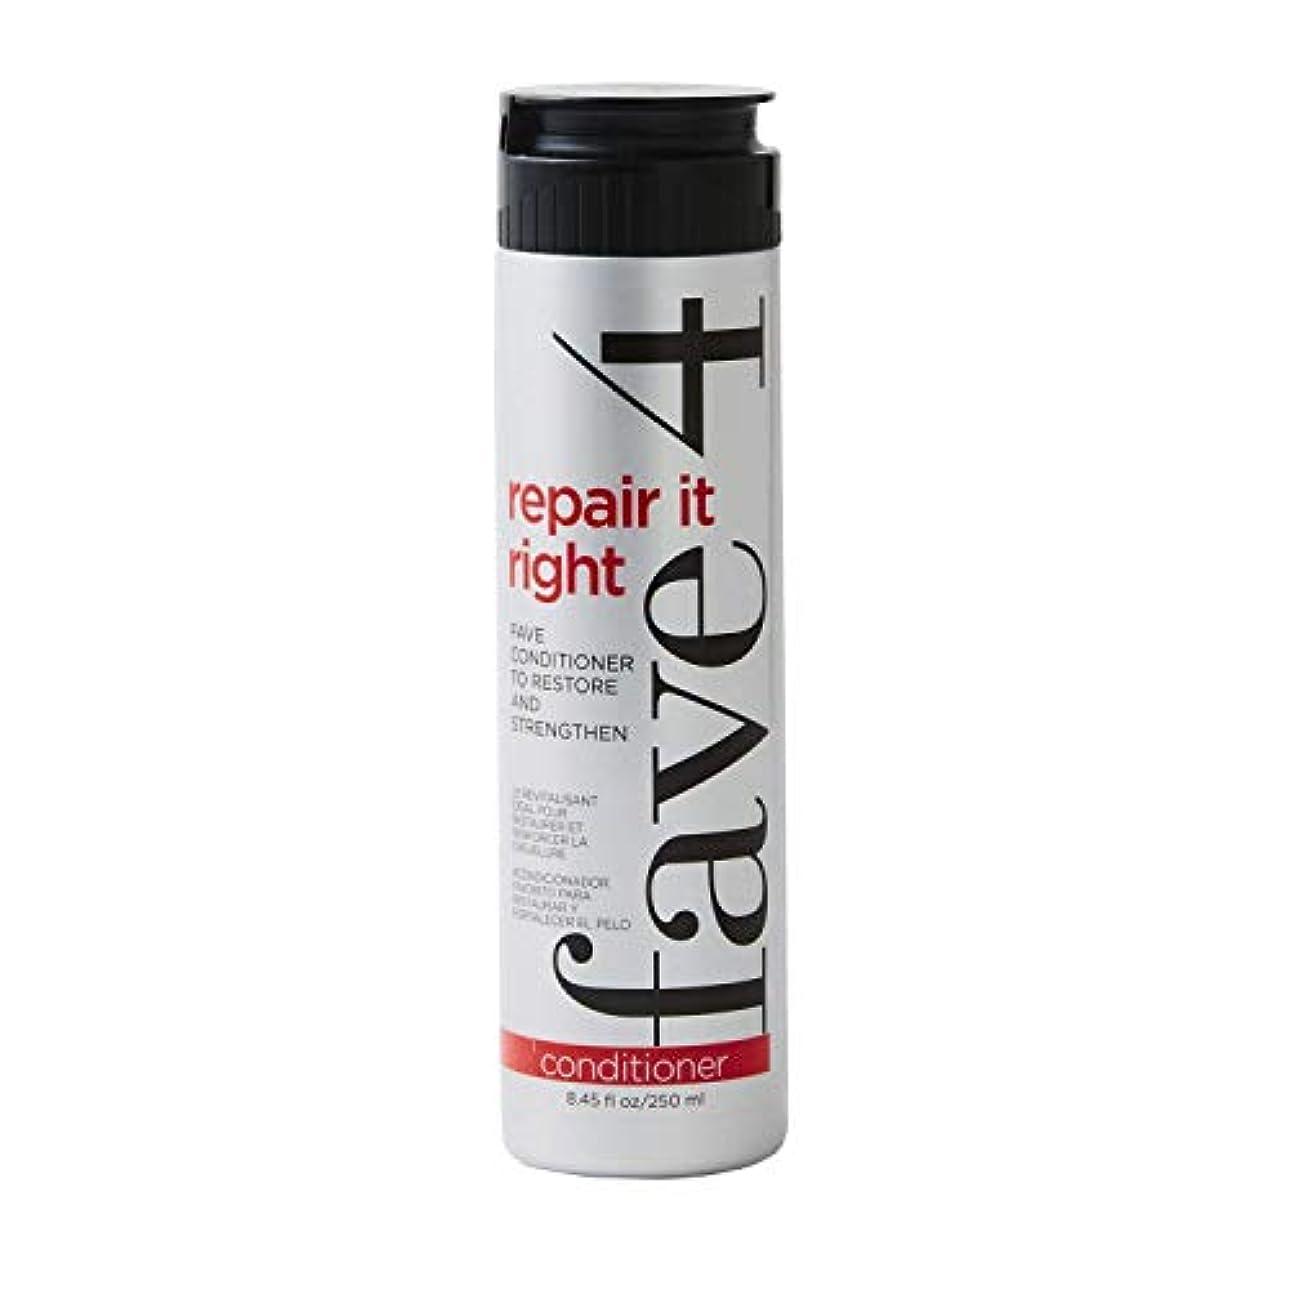 協会不器用権限fave4 復元し、強化するために右フェイブConditonerそれを修復 - 硫酸塩フリー|パラベンフリー|グルテンフリー|無添加塩化ナトリウムありません|虐待無料|色処理した毛髪、8.5オンスのための安全な 8.5オンス